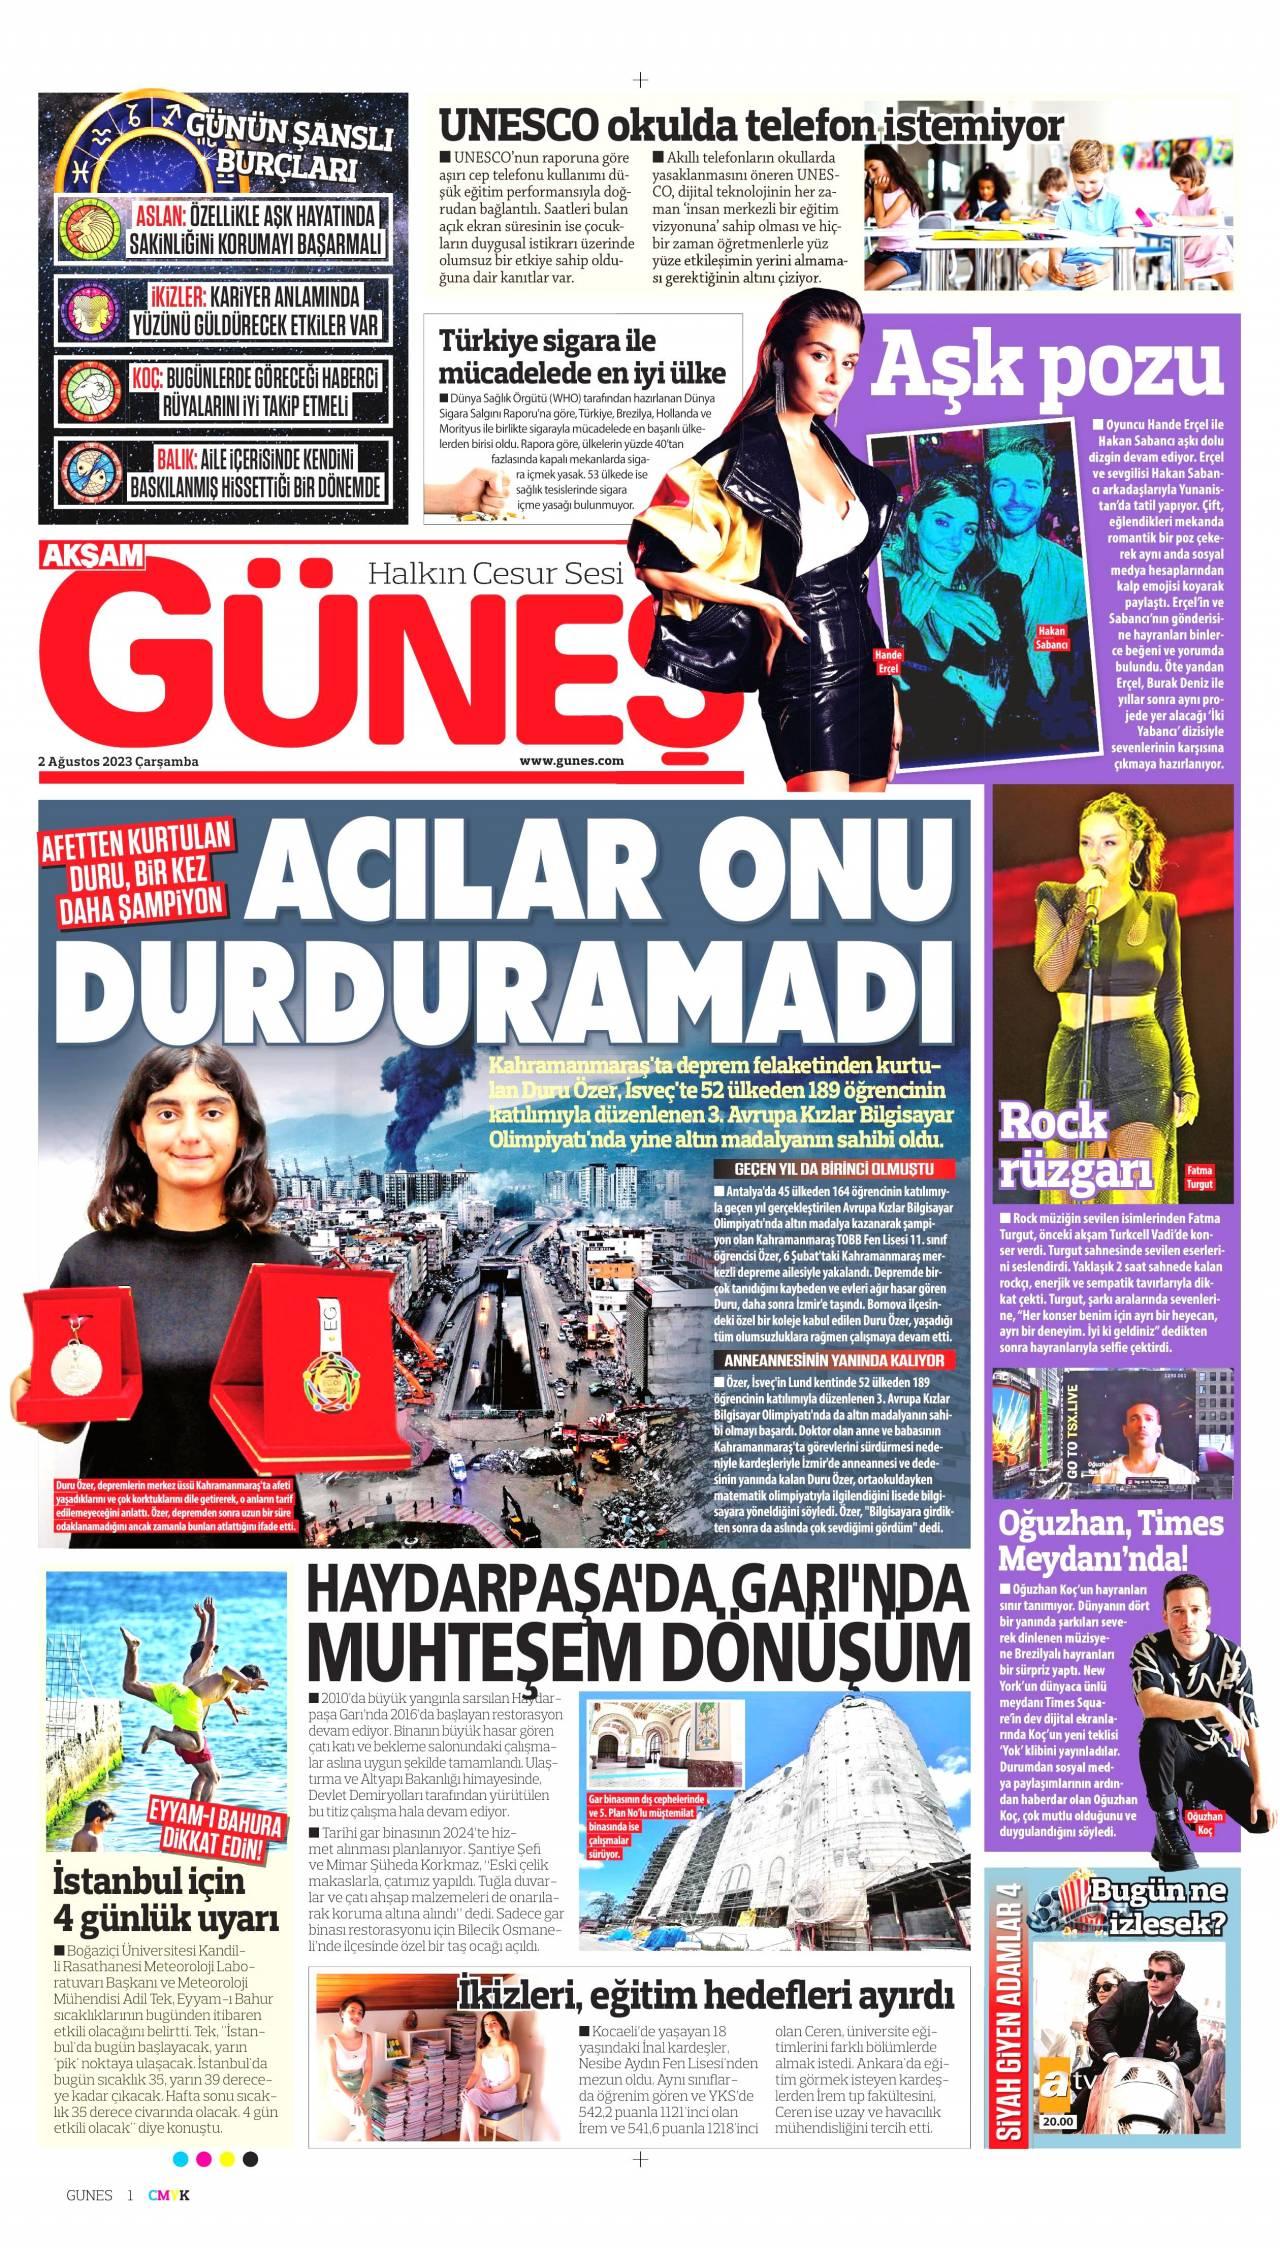 gunes.jpg